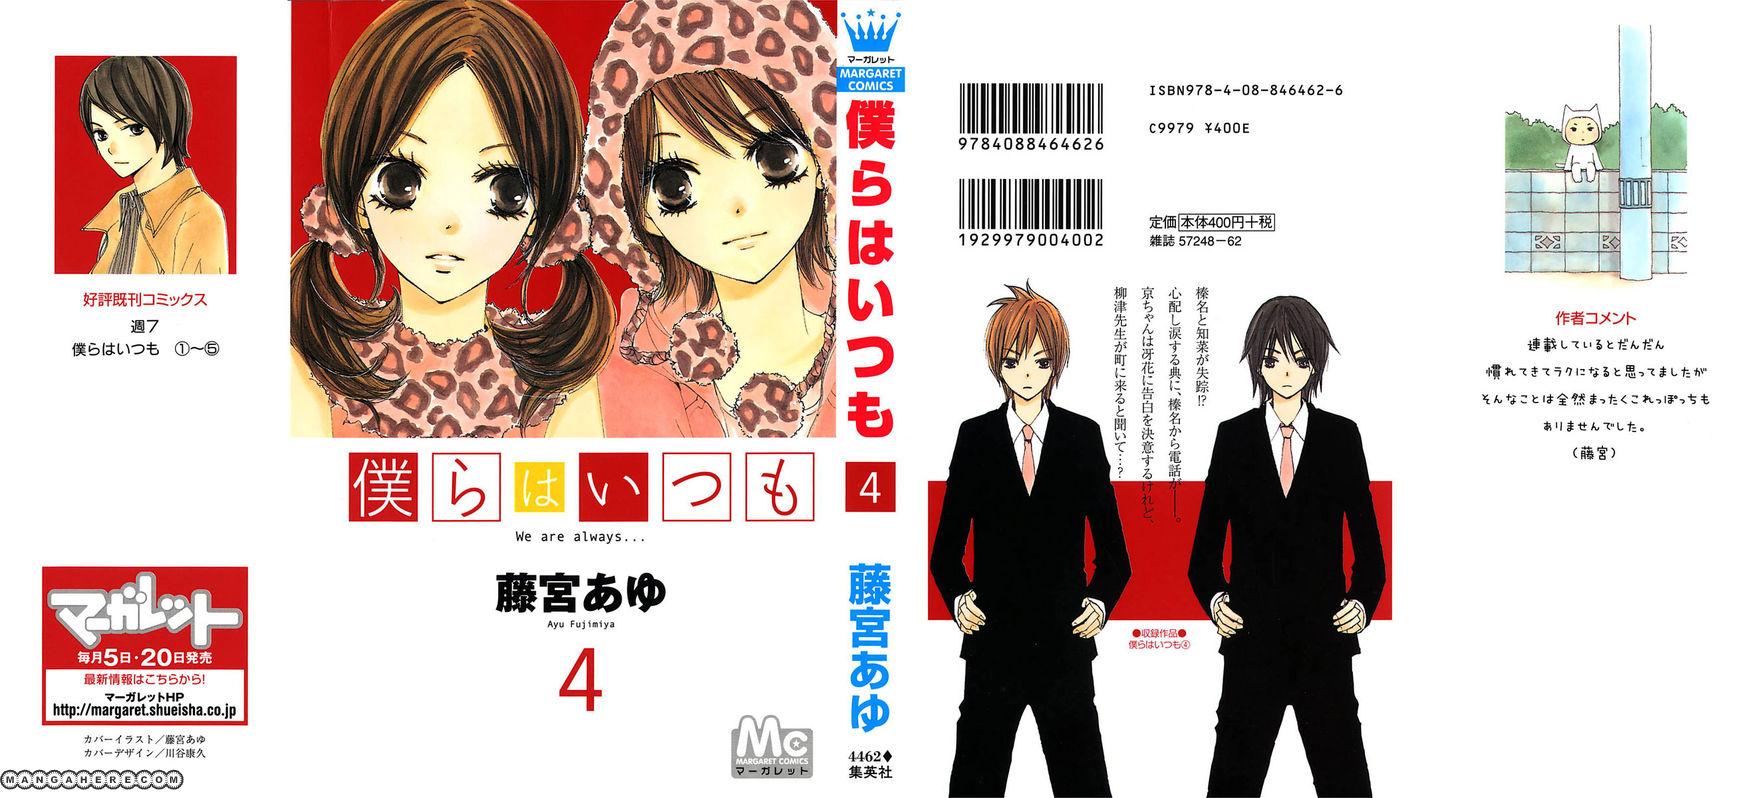 Bokura wa Itsumo 18 Page 3